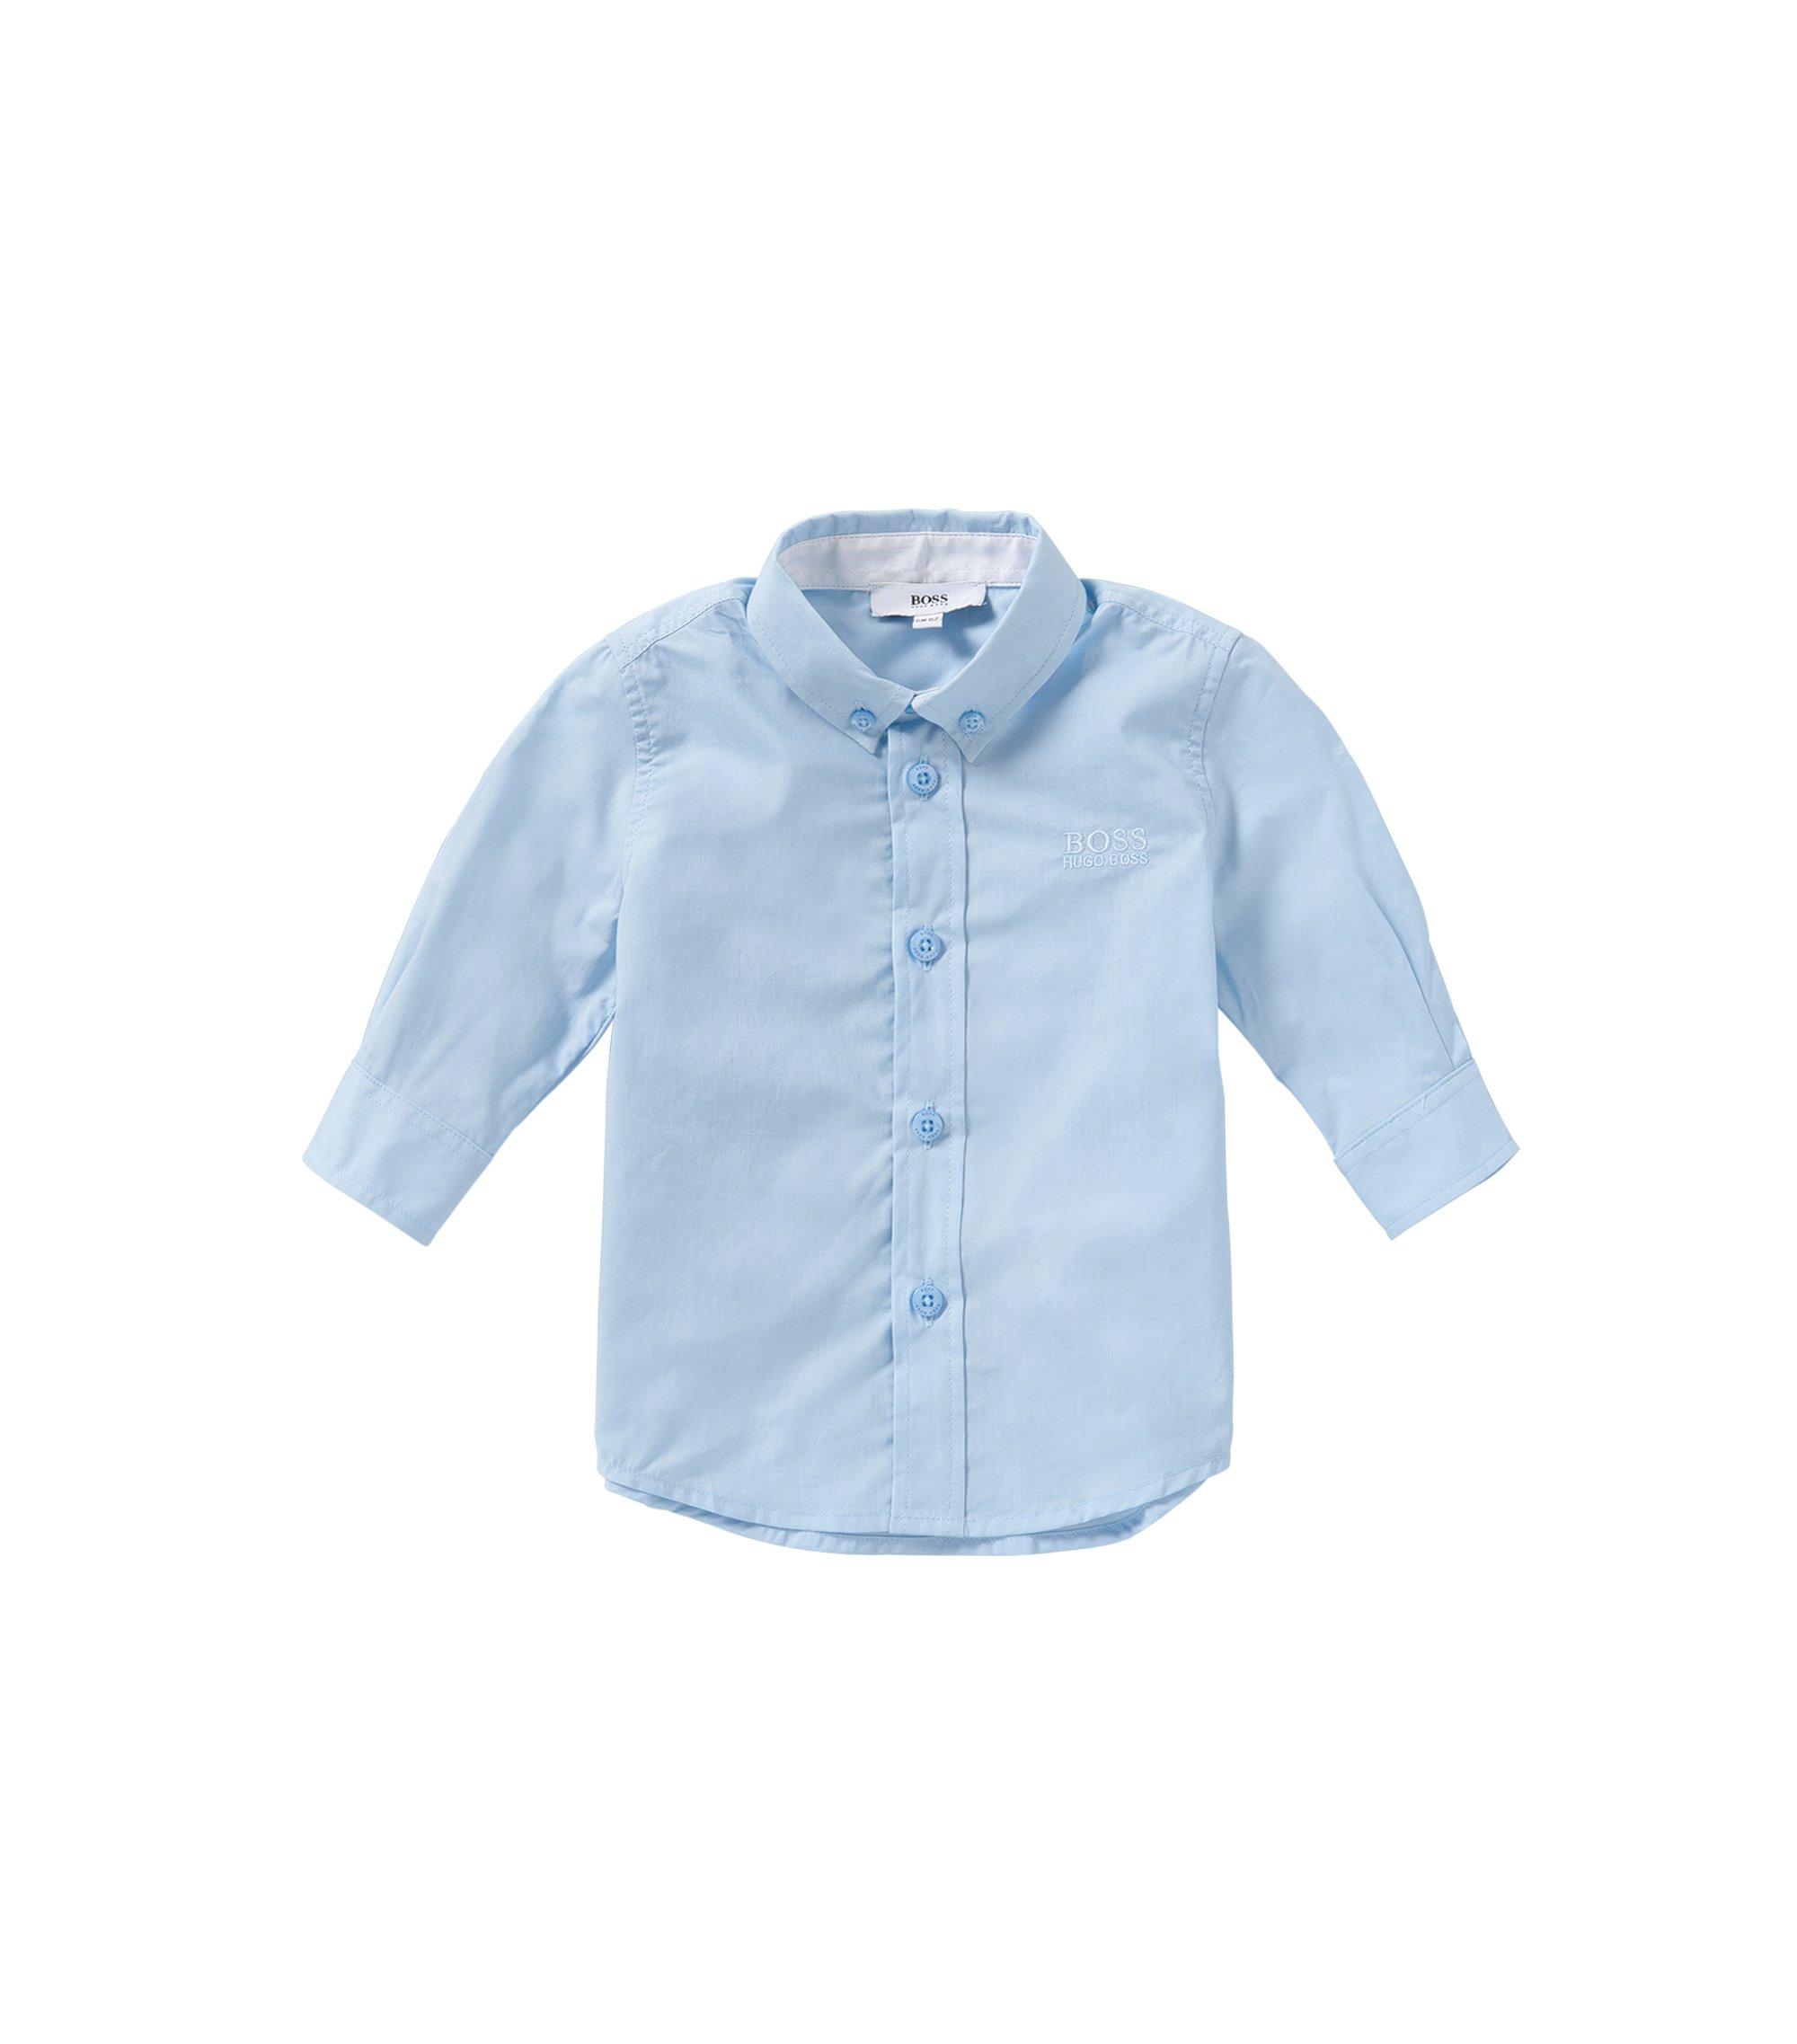 Baby-Hemd aus Baumwolle mit Button-Down-Kragen: 'J05464', Hellblau